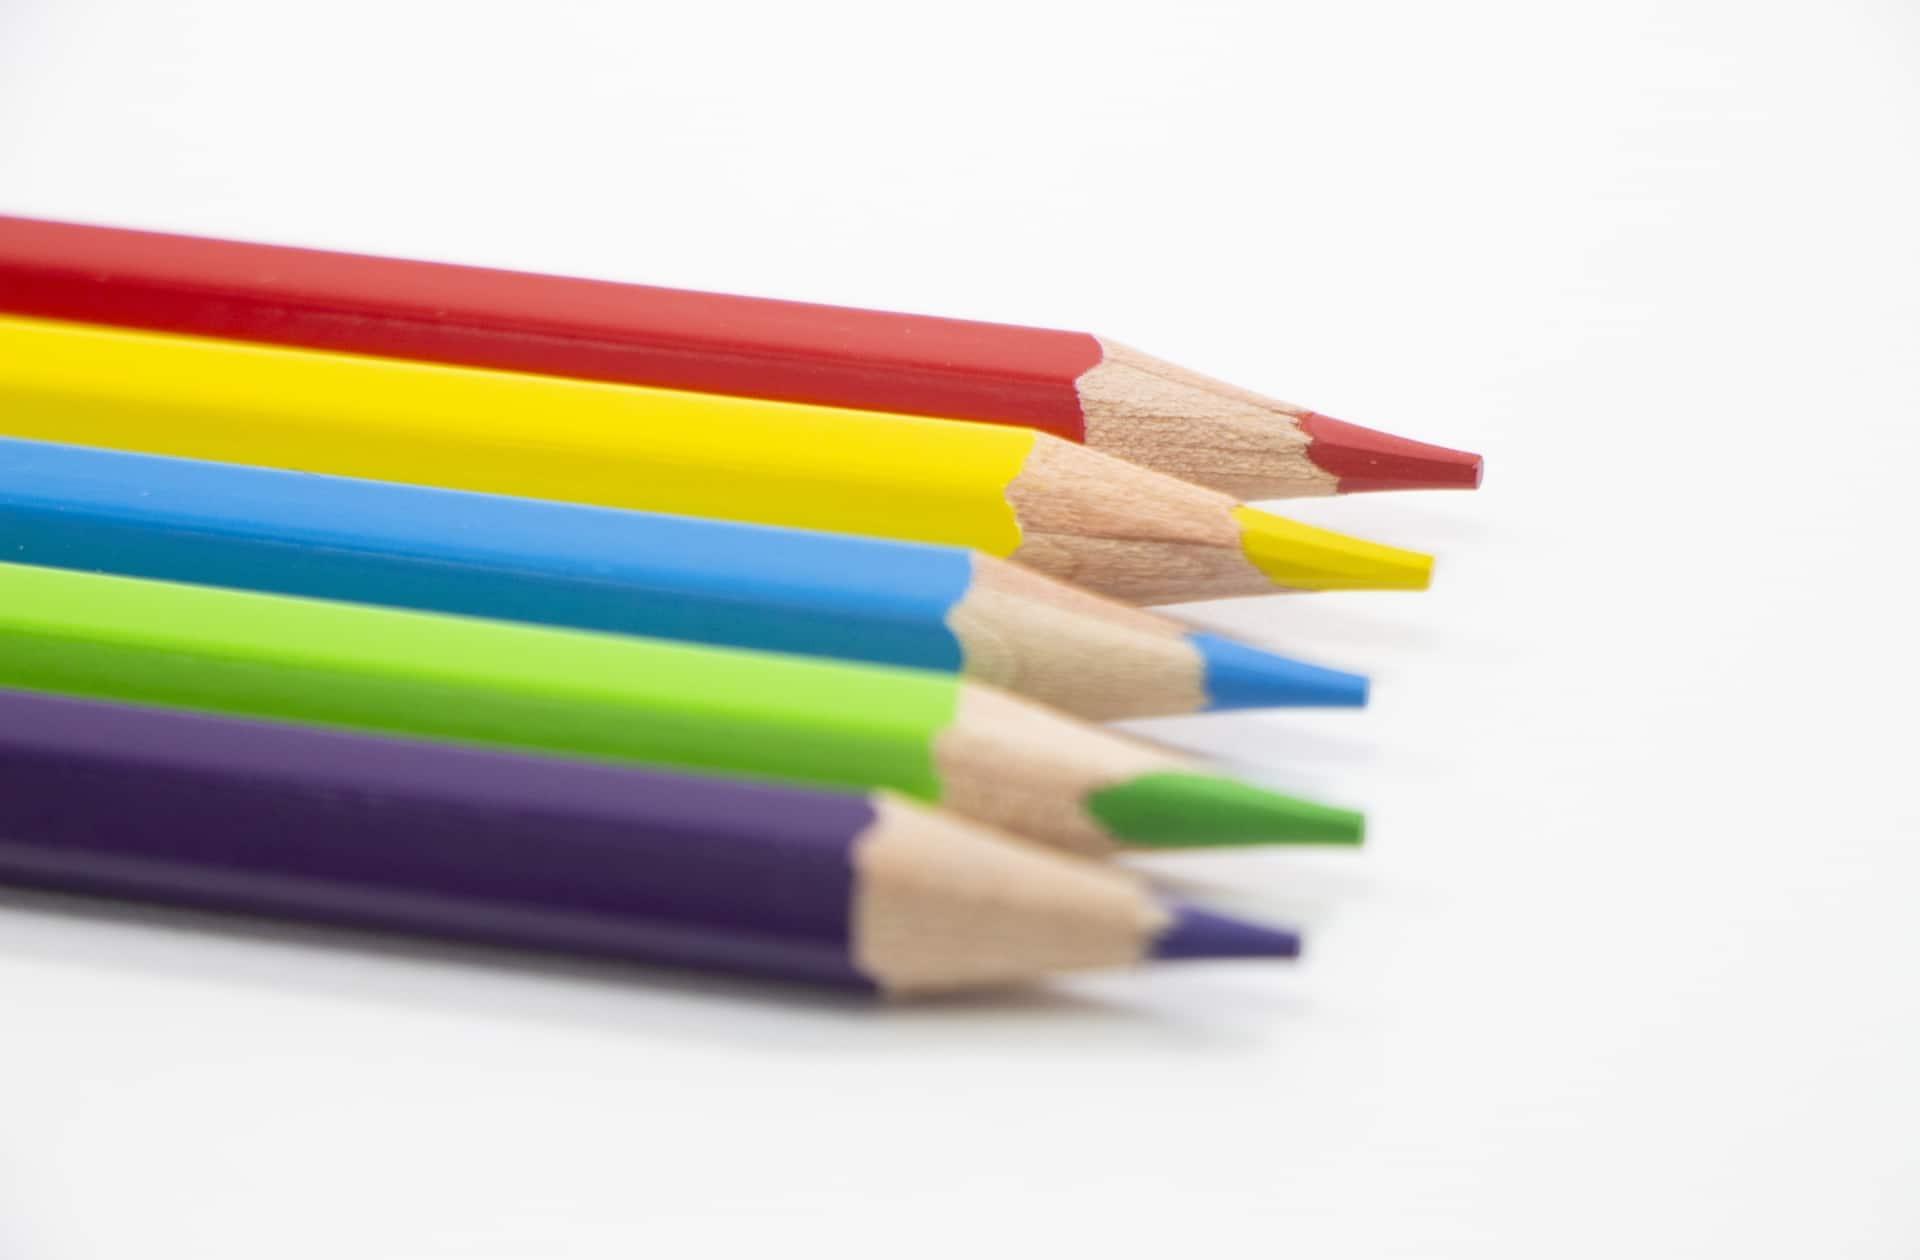 適性検査の種類-就活生が対策するべき適性検査とは-